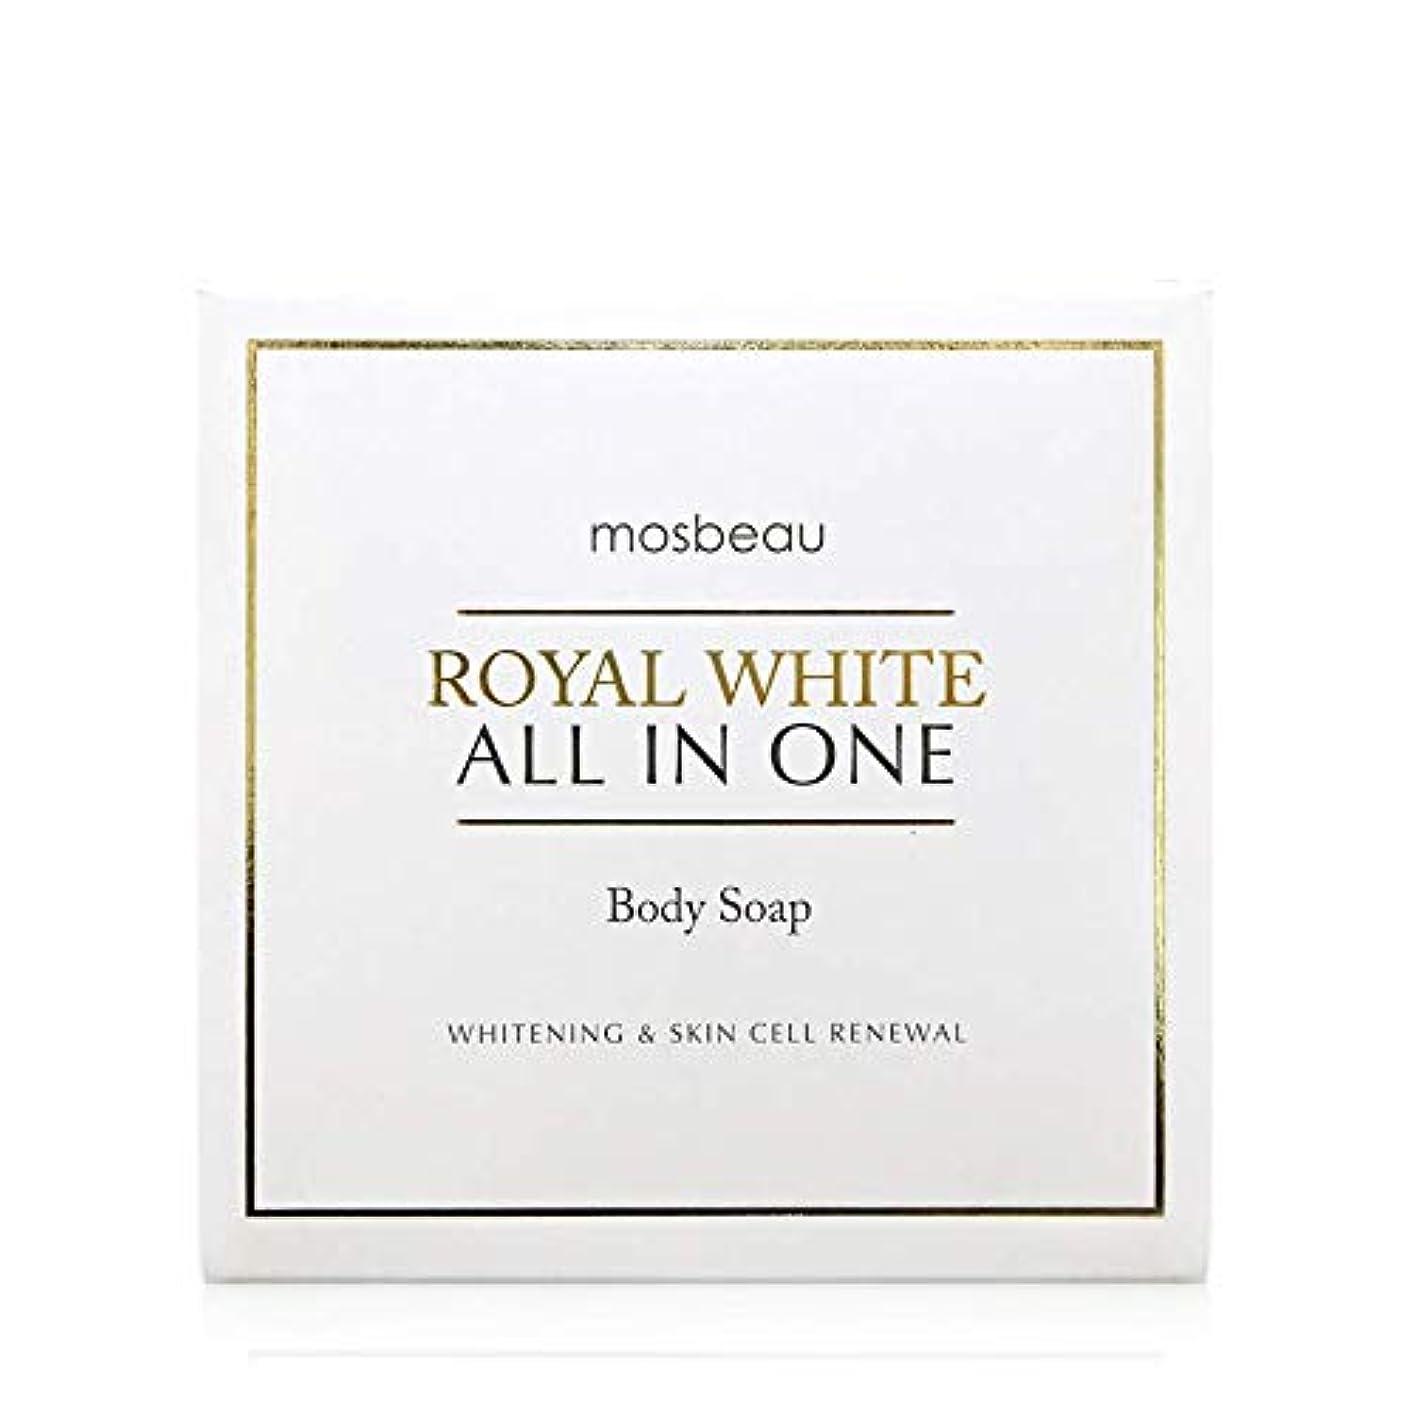 インスタンスピカソ認証mosbeau ROYAL WHITE ALL-IN-ONE BODY SOAP 100g ロィヤルホワイトオールインワンボディーソープ